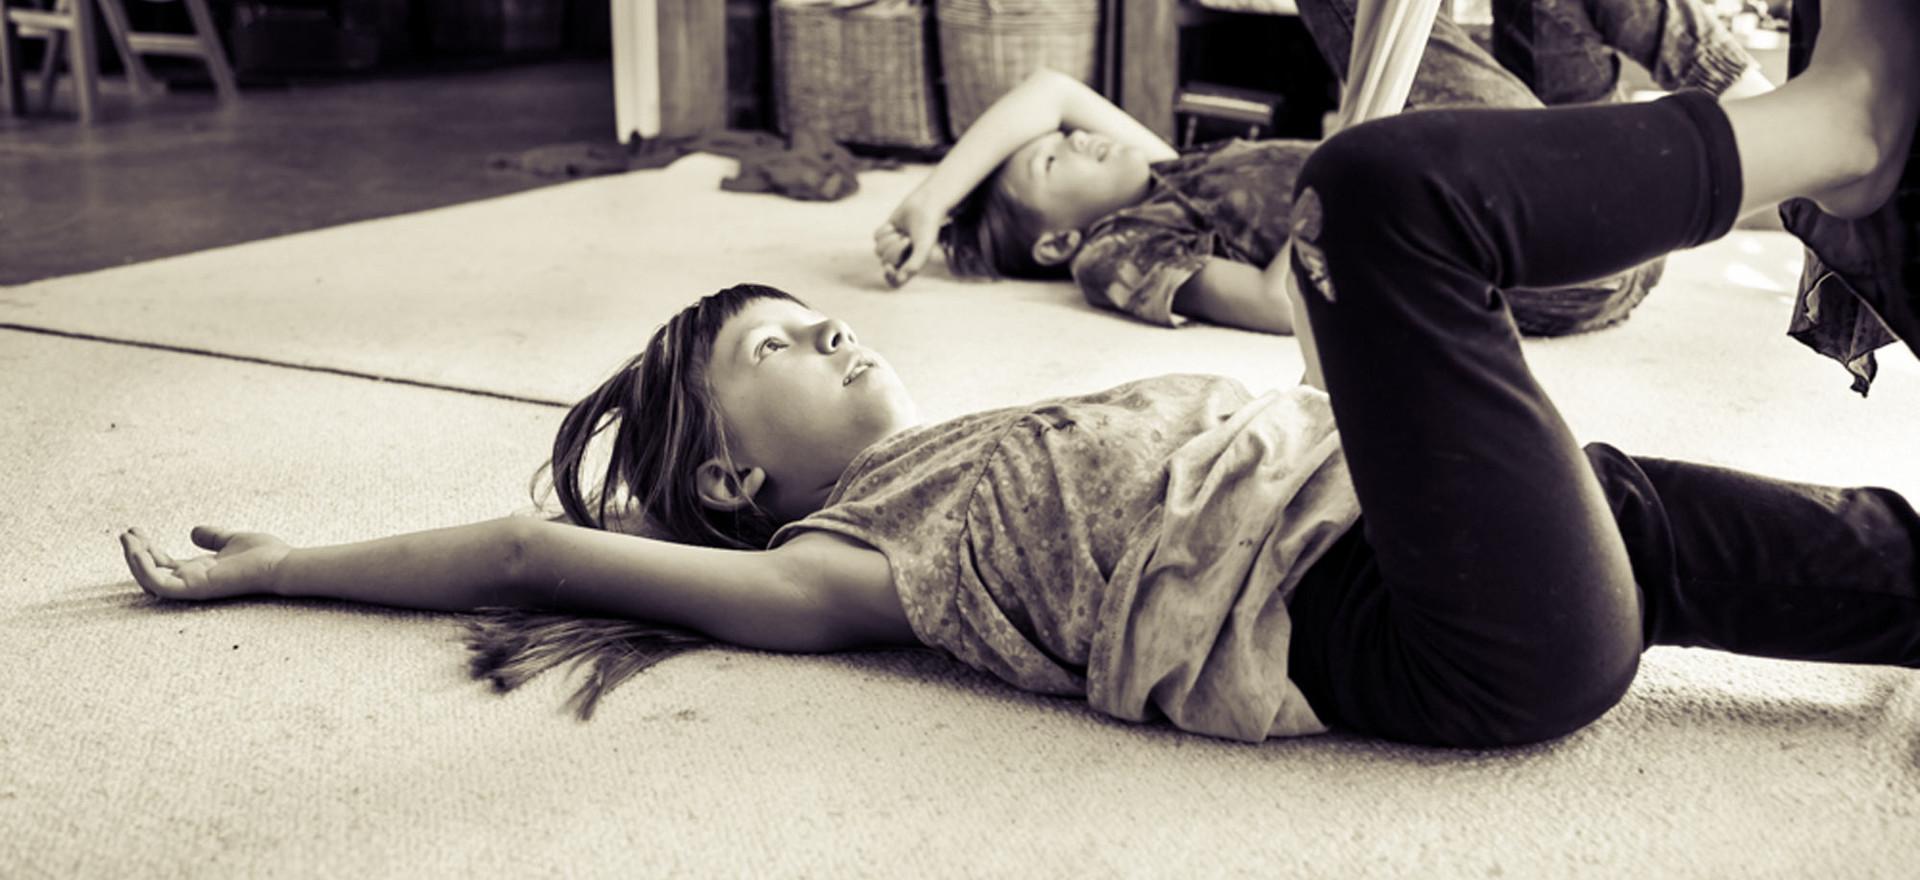 brother-sister-lie-on-floor-josie-gritte